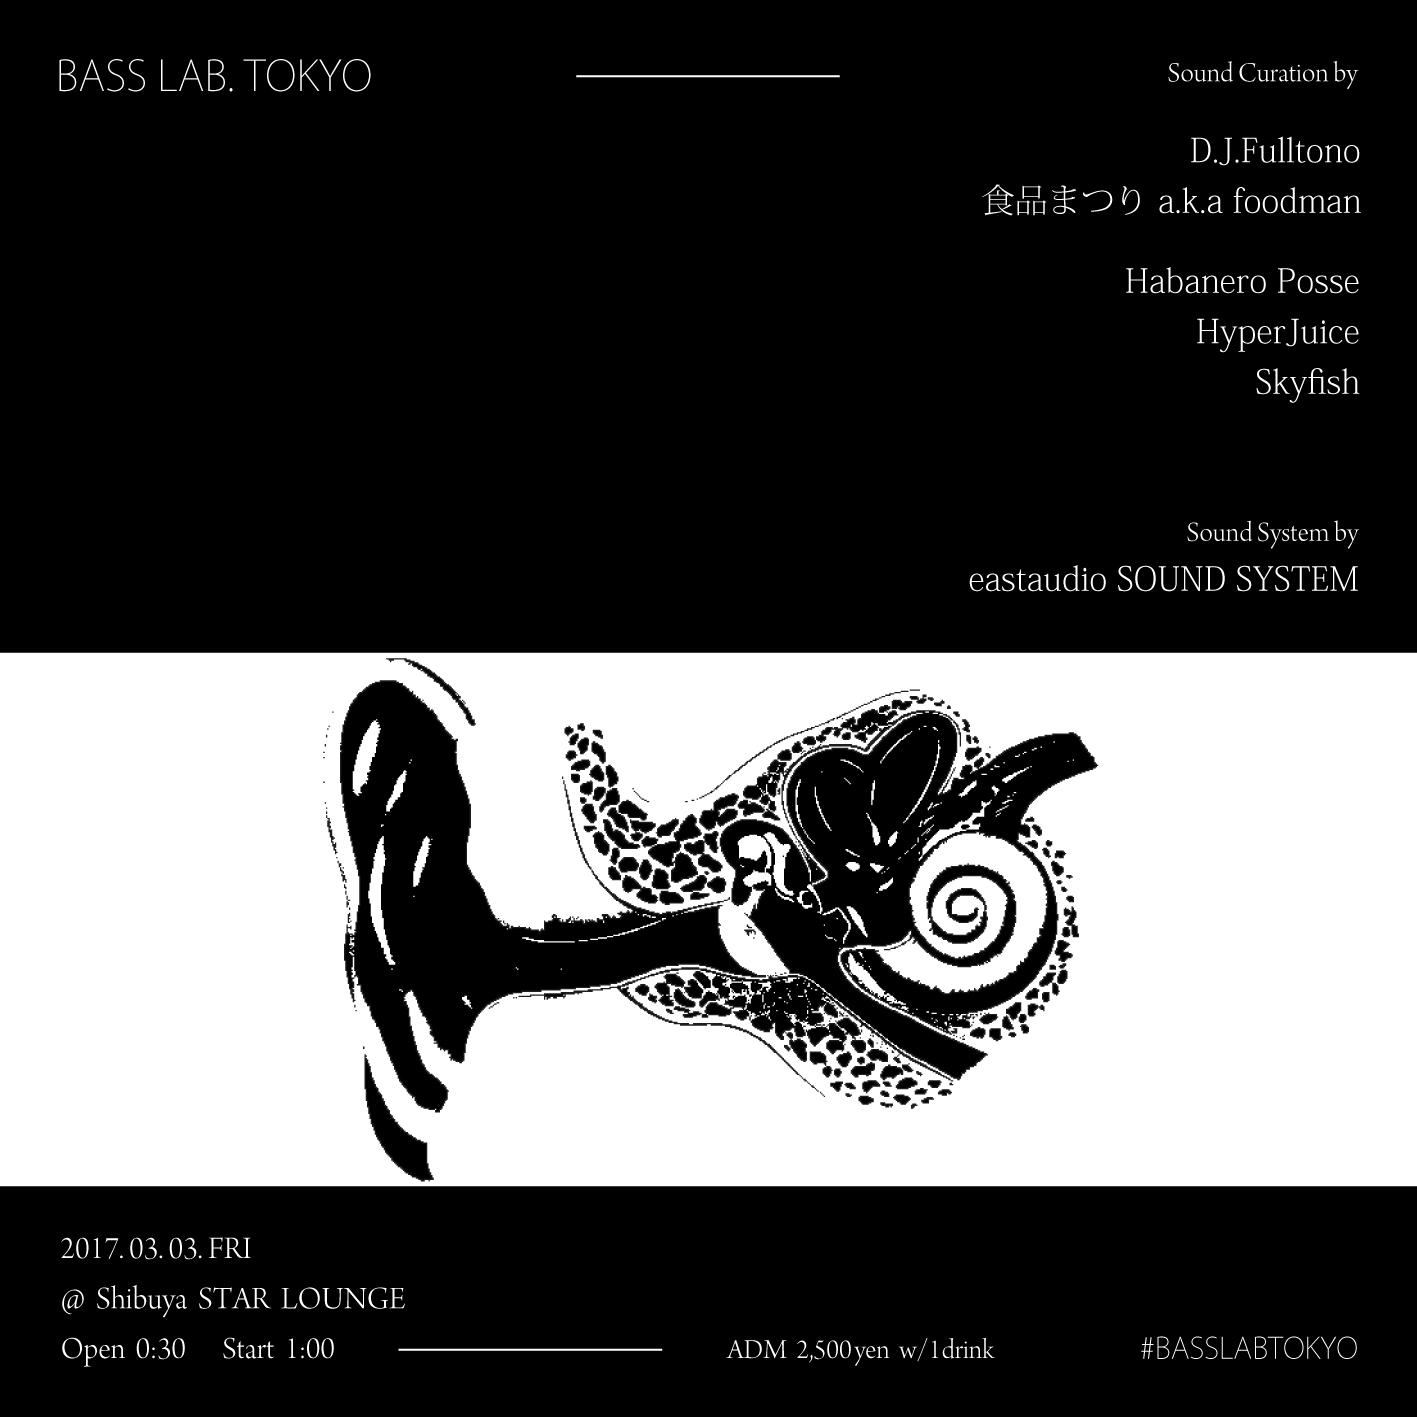 Bass lab tokyo フライヤー